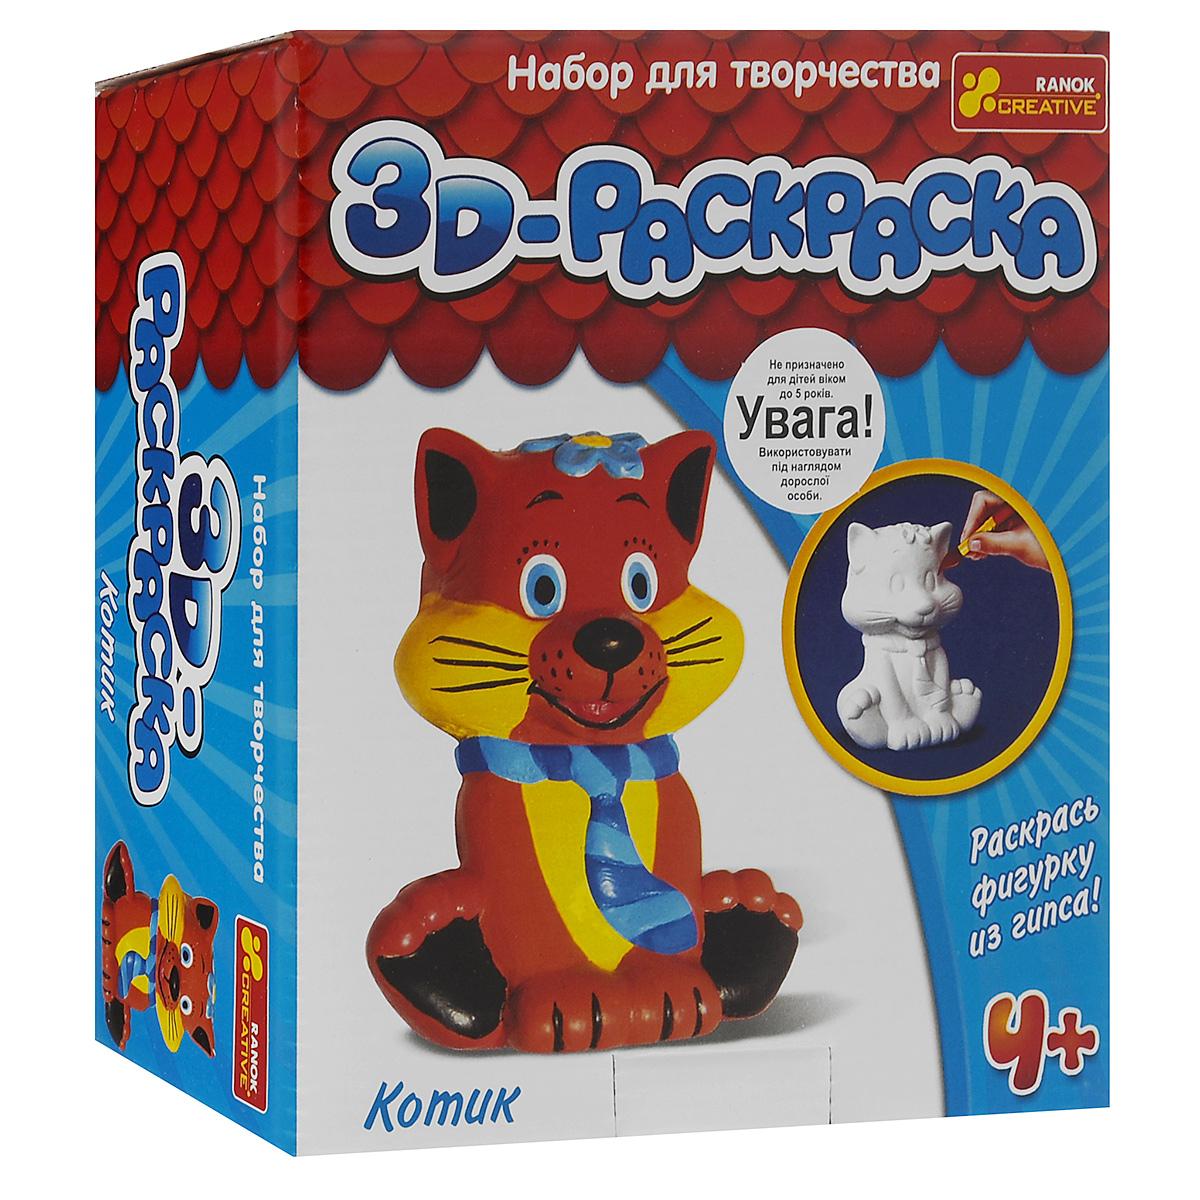 Набор для творчества Ranok 3D-раскраска. Котик3044-6Набор для творчества Ranok 3D-раскраска. Котик обязательно порадует малыша и подарит увлекательный досуг. Дети очень любят проявлять свою фантазию, раскрашивая различные рисунки. Вместо обычной раскраски предоставляется возможность раскрасить настоящую игрушку. Гипсовая скульптура Котик обретет свои краски, а творческий процесс принесет ребенку истинное удовольствие! 3D-раскраски развивают творческое мышление, фантазию, мелкую моторику рук, внимательность и аккуратность. В набор для творчества 3D - раскраска. Котик входит: гипсовая фигурка, краски, кисточка. Для детей от 4 лет.